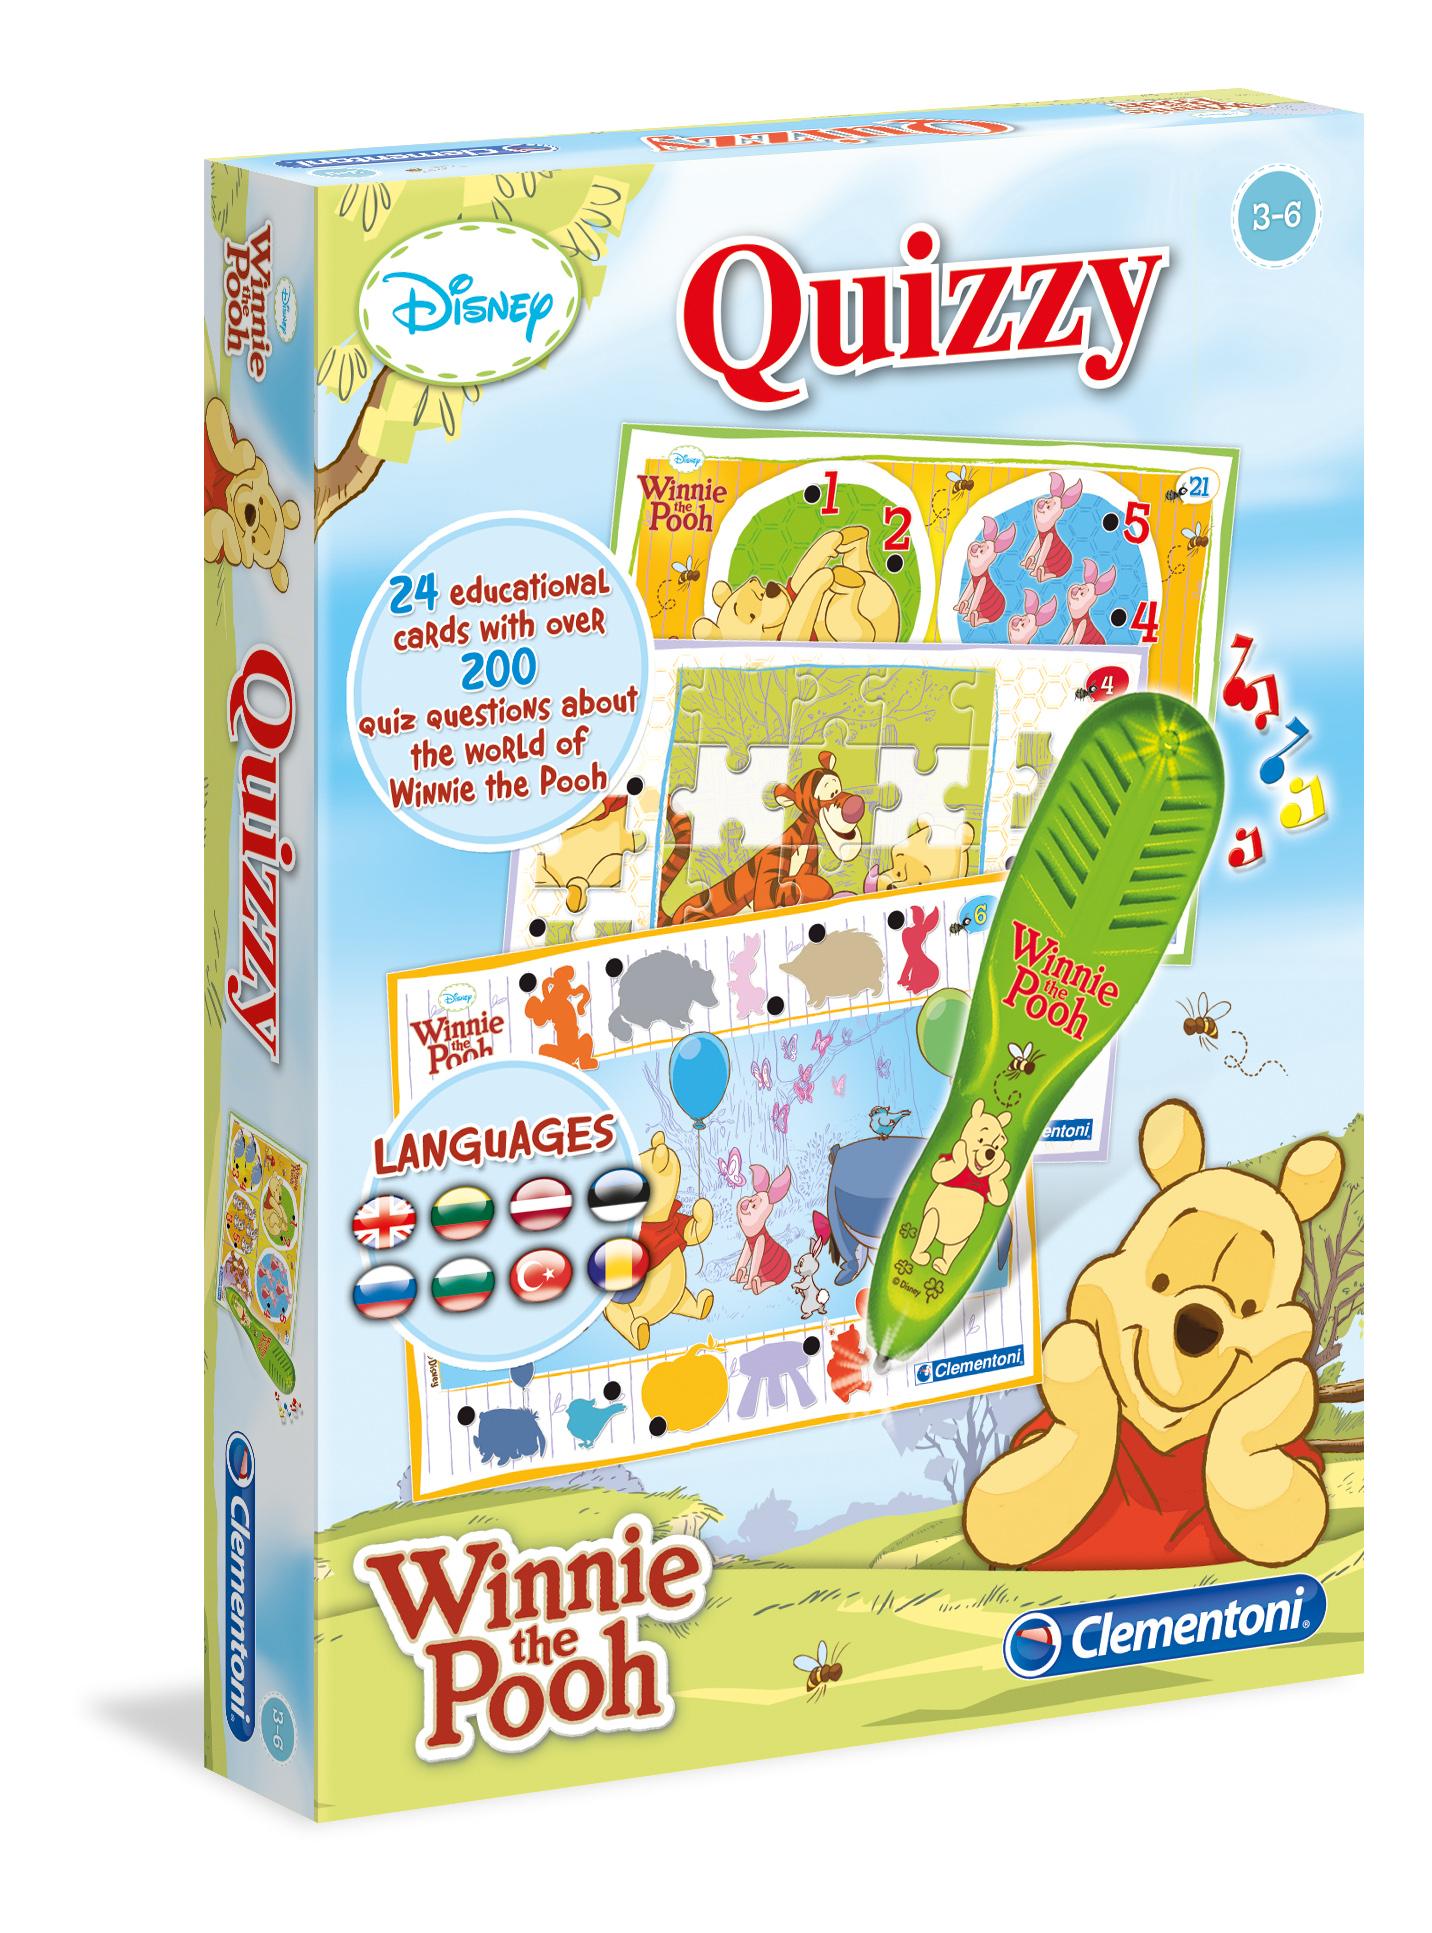 Музыкальные пазлы Clementoni/Winnie the Pooh  арт.: 60386